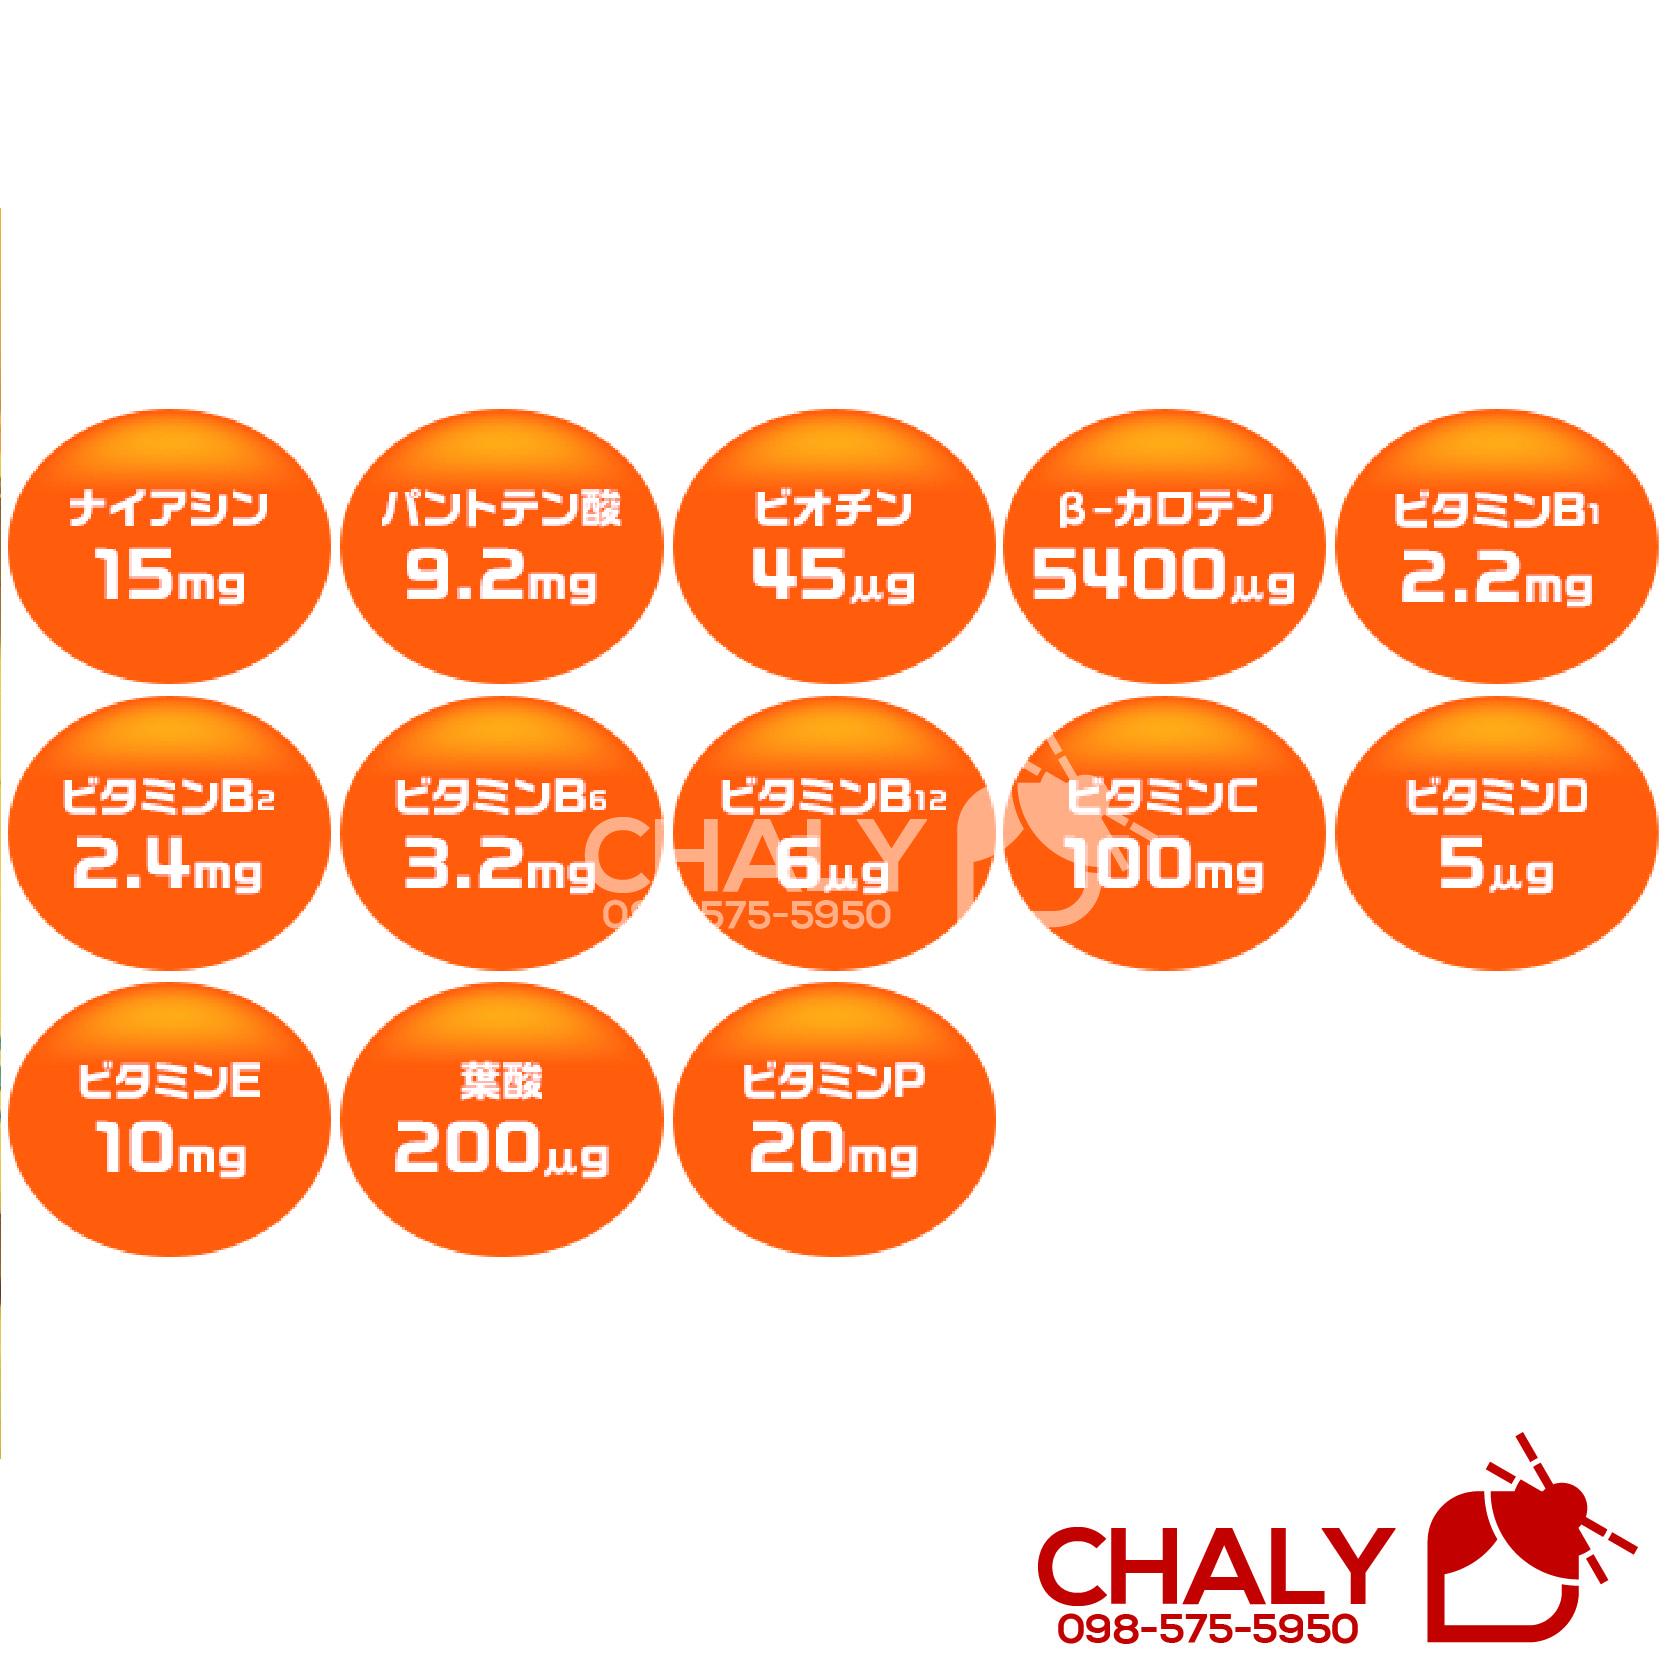 Viên uống Vitamin tổng hợp DHC bổ sung 13 loại vitamin thiết yếu cho cơ thể hoạt động trơn tru khoẻ mạnh